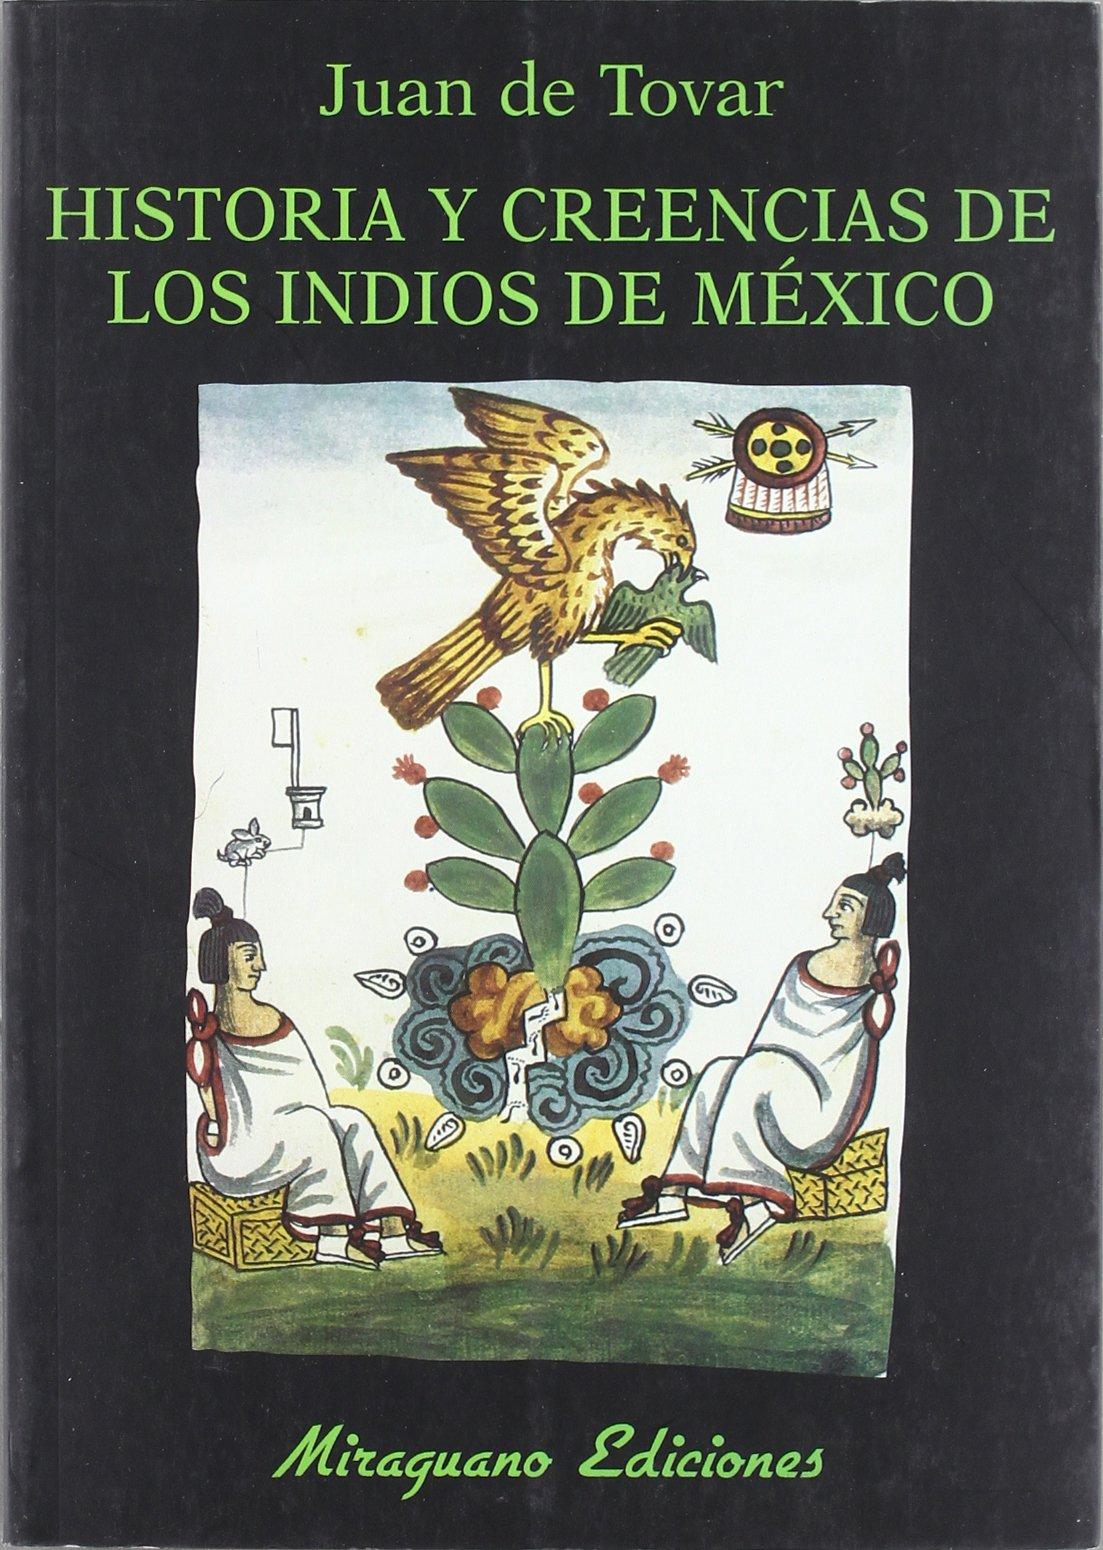 Historia y creencias de los indios de México Libros de los Malos Tiempos: Amazon.es: Tovar, Juan de: Libros